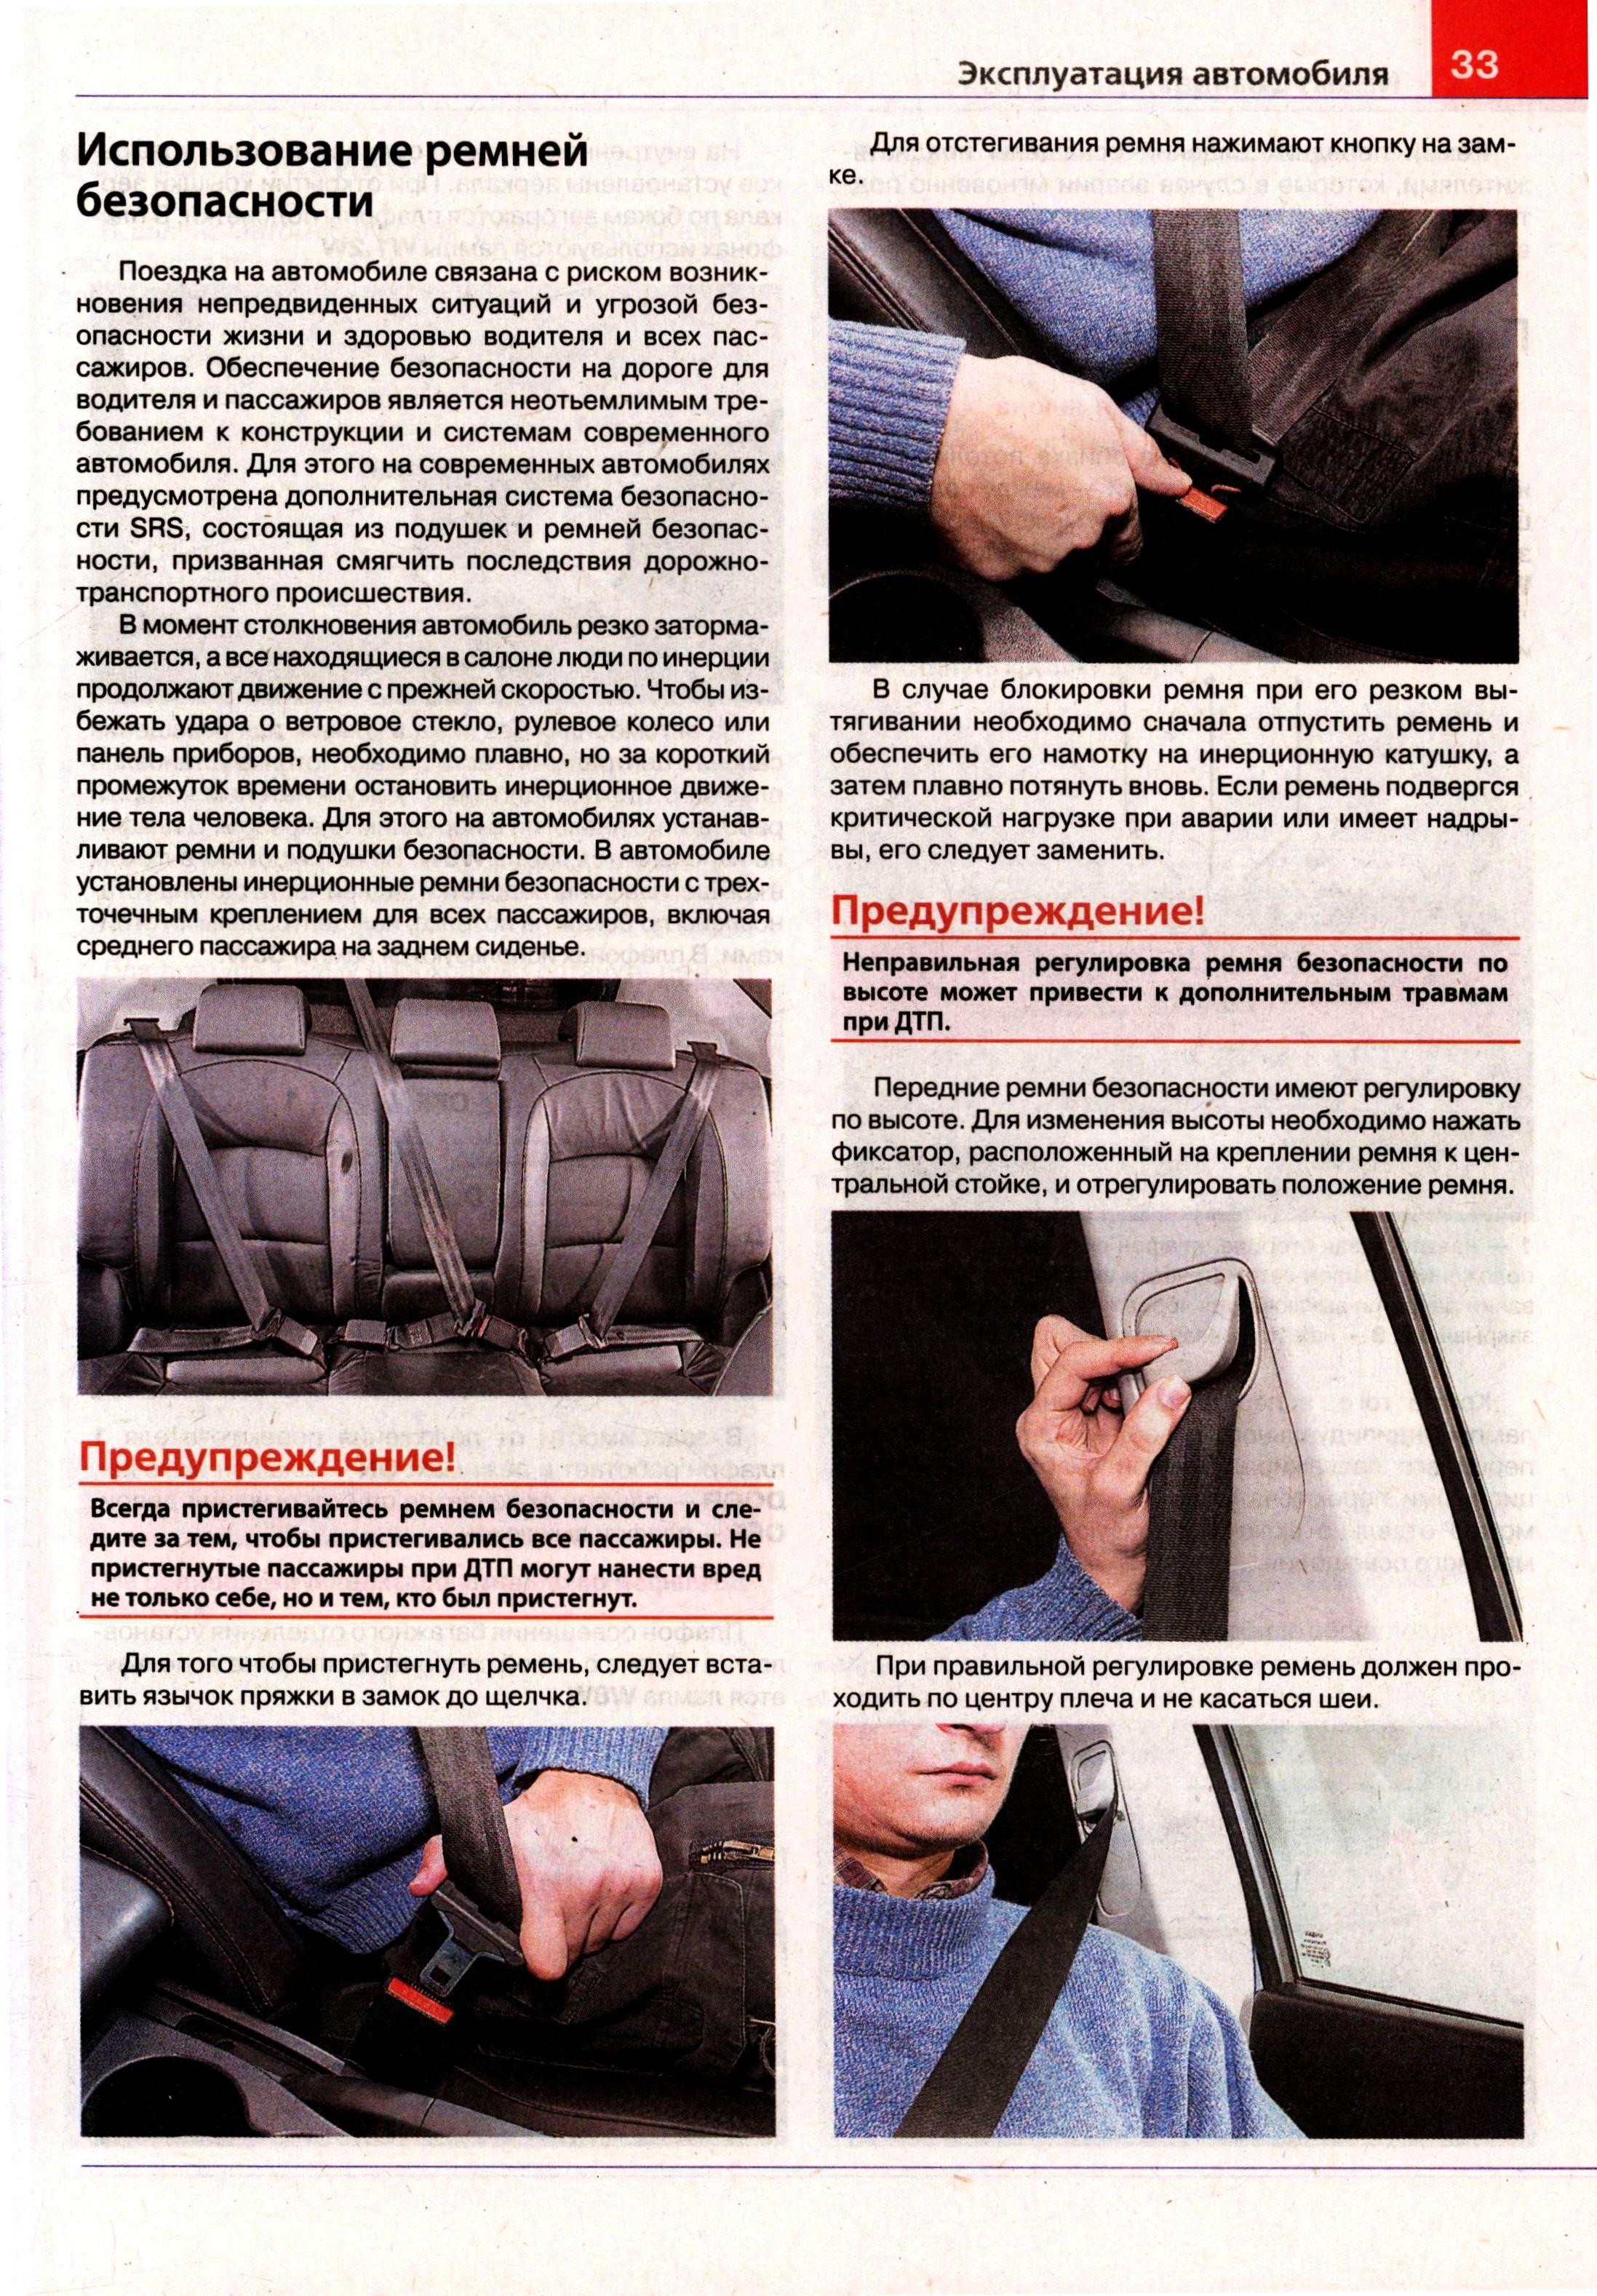 Важность использования ремней безопасности во время езды.